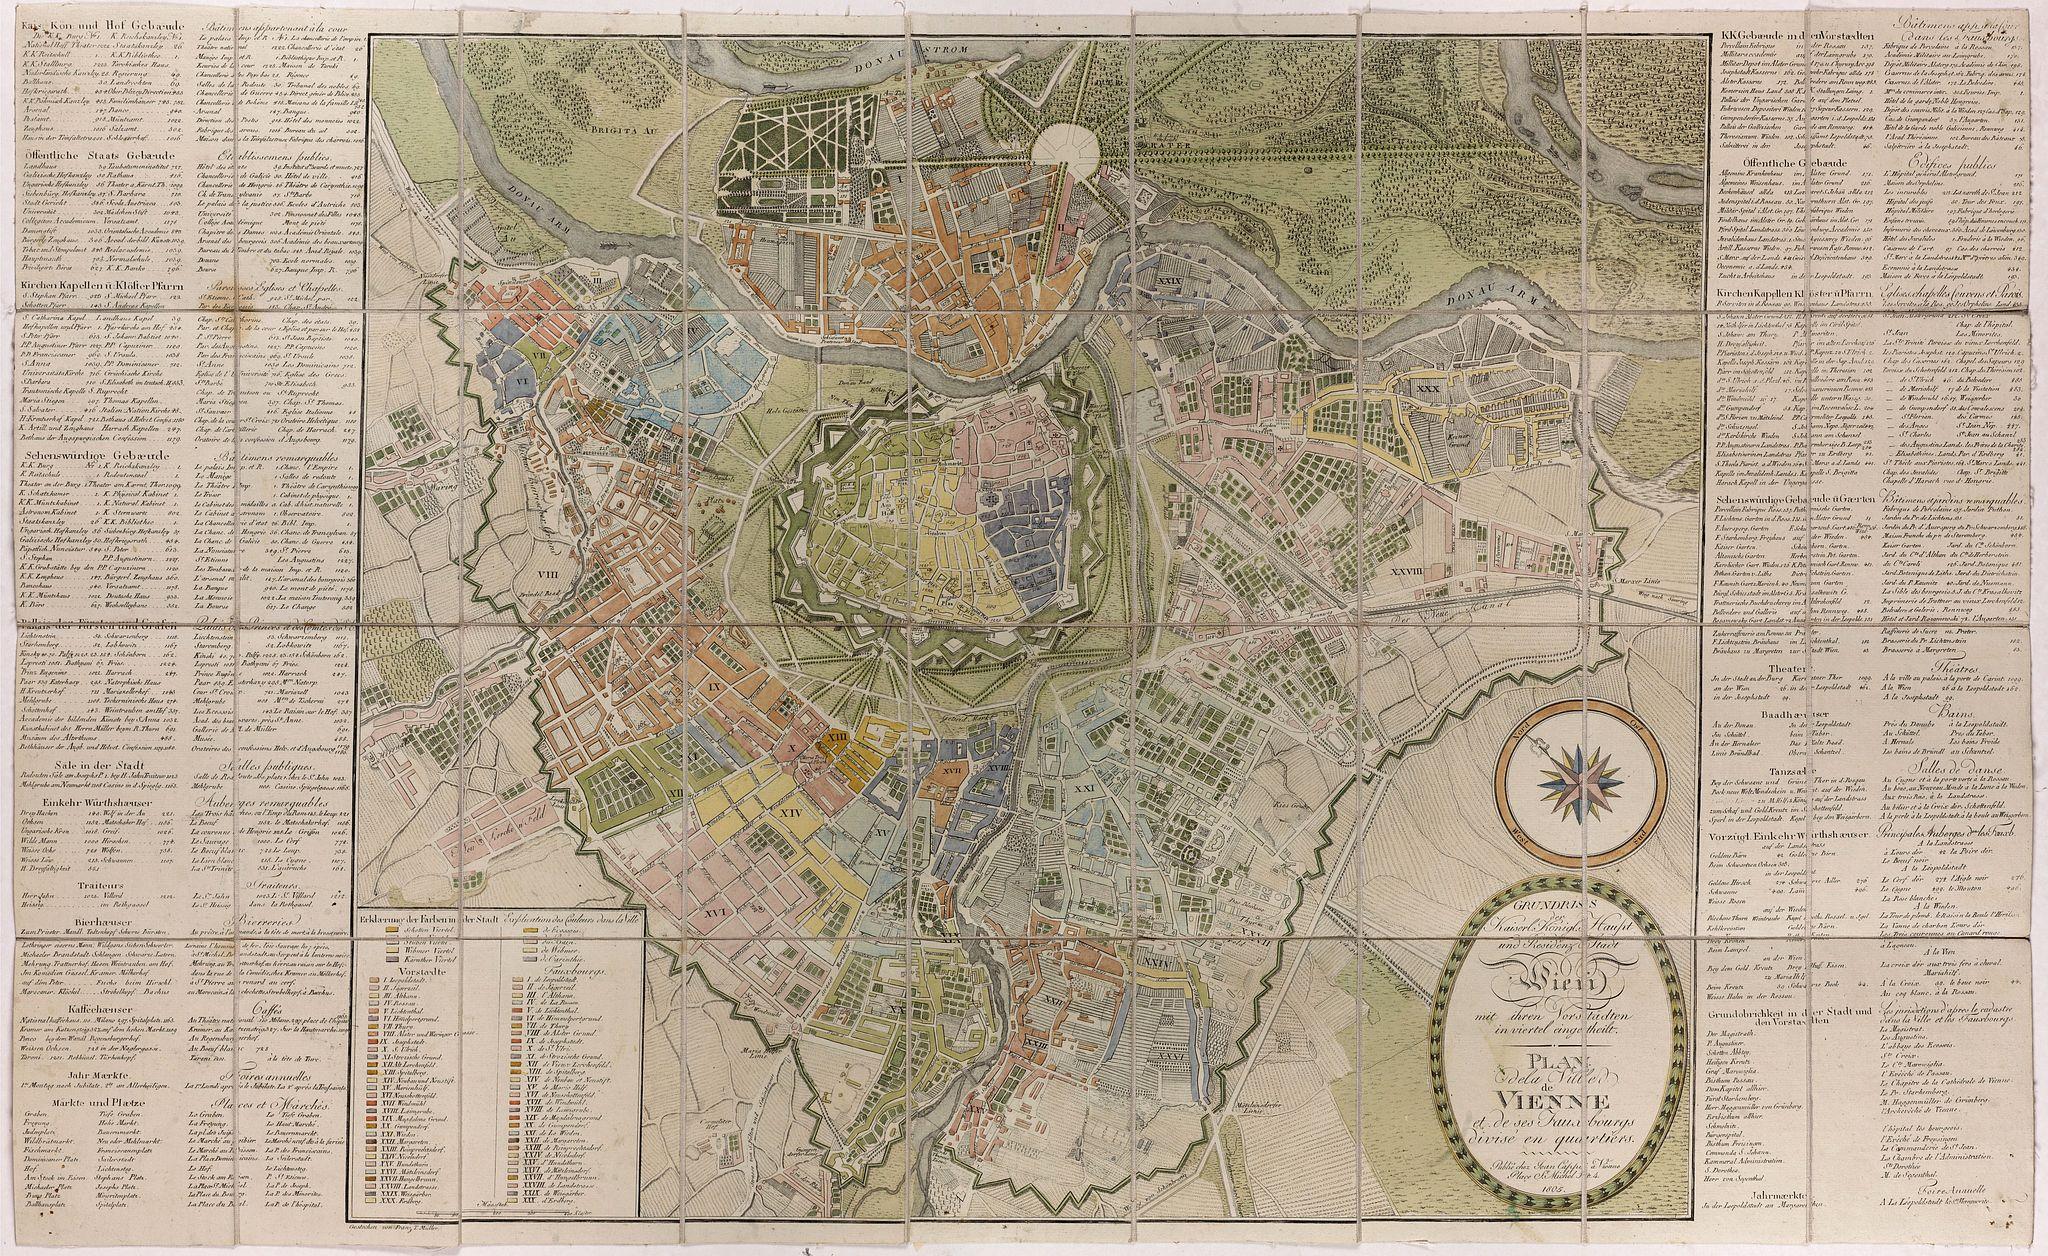 CAPPI, J. -  Plan de la ville de Vienne et de ses faubourgs divisés en quartiers.